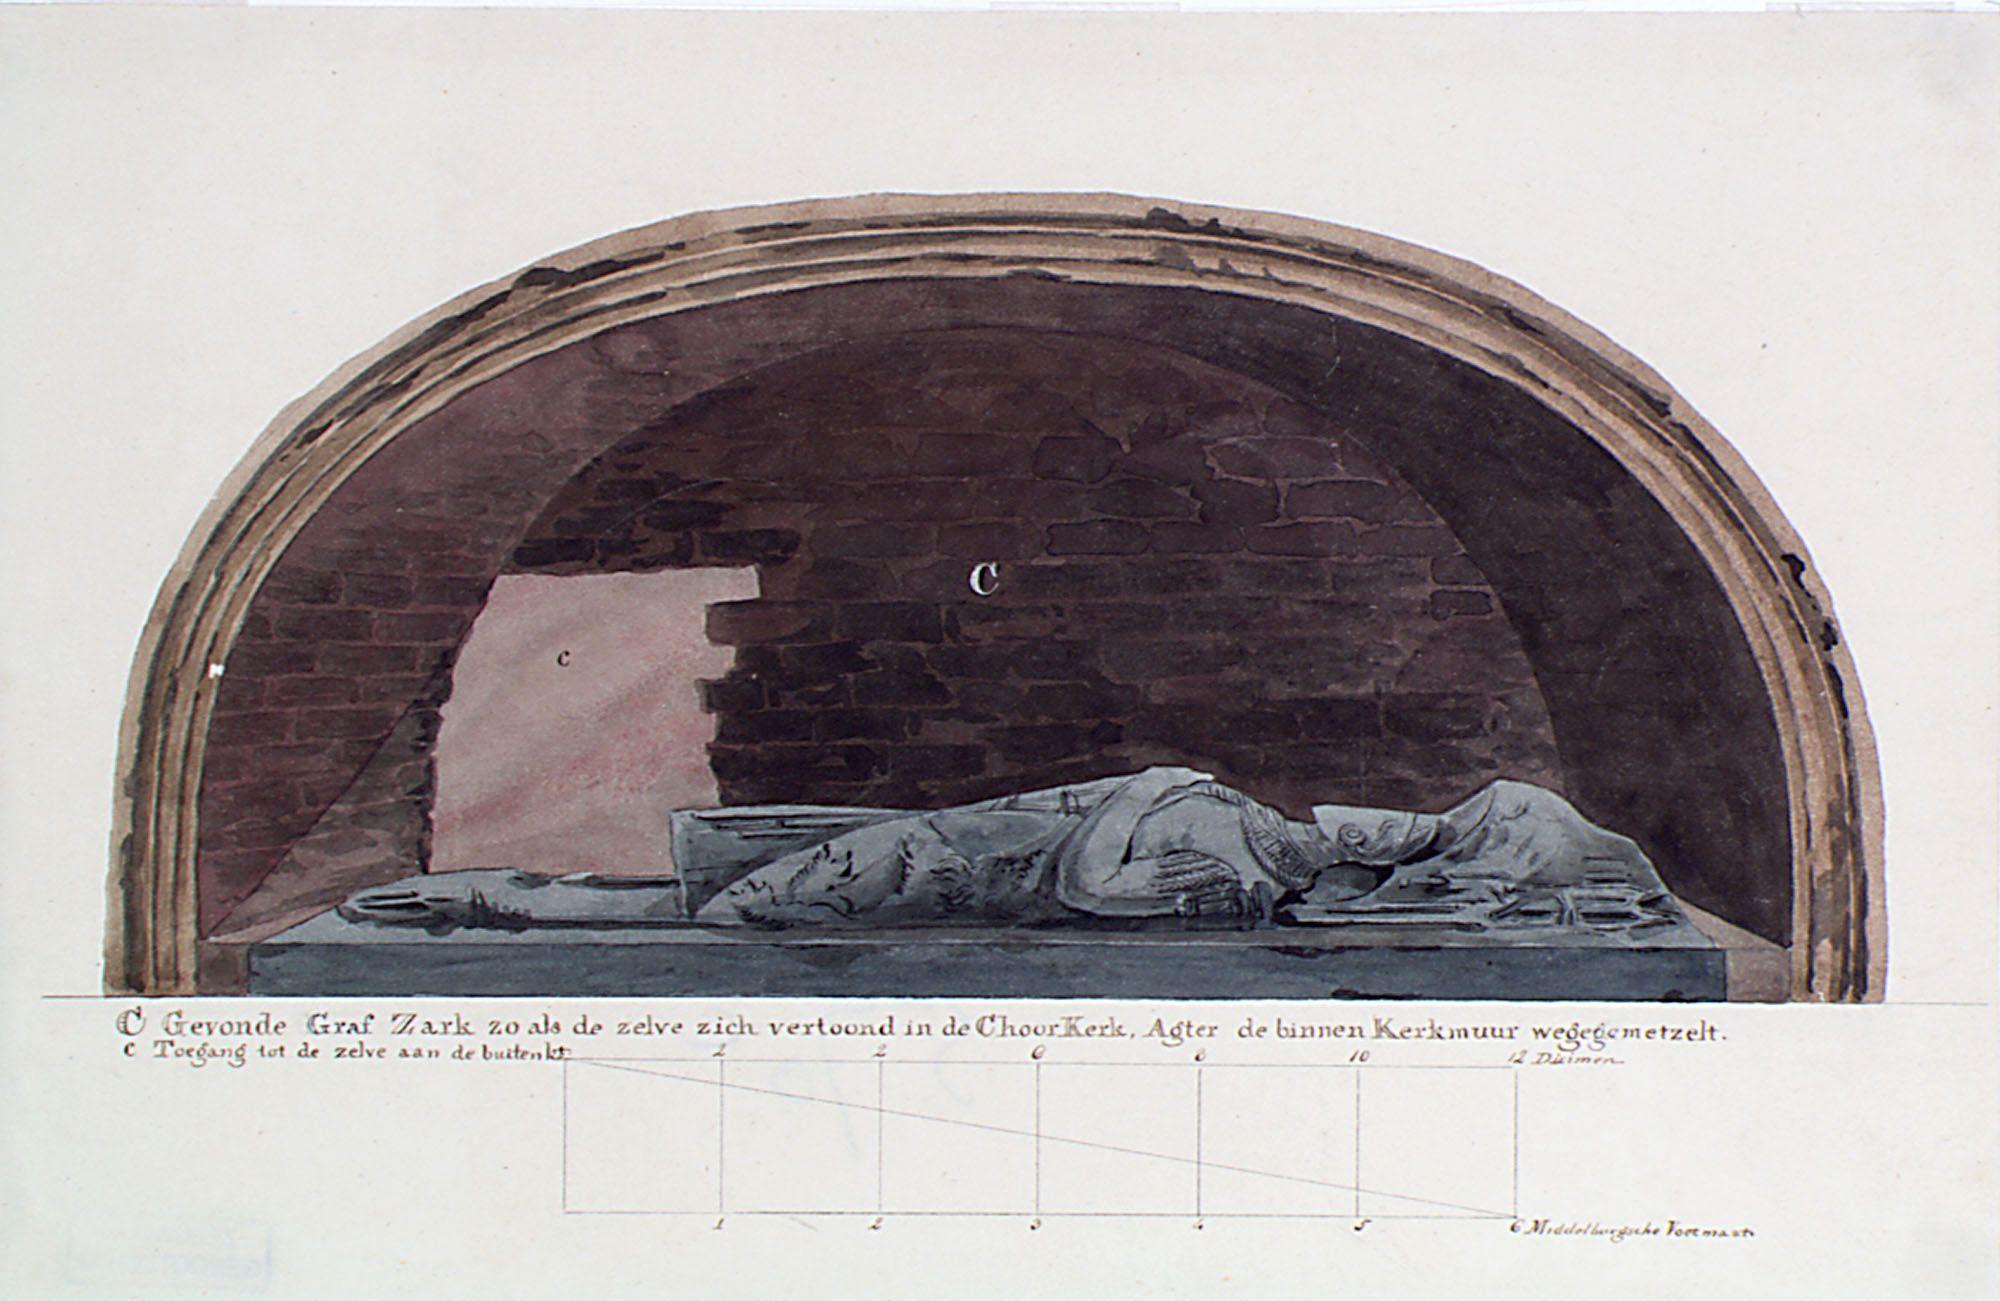 Profiel van de vermeende grafnis met grafzerk van rooms-koning Willem II in de Koorkerk te Middelburg, Johannes Hubertus Reijgers, 1817-1820. (Zeeuws Archief, coll. Zeeuws Genootschap, Zelandia Illustrata)